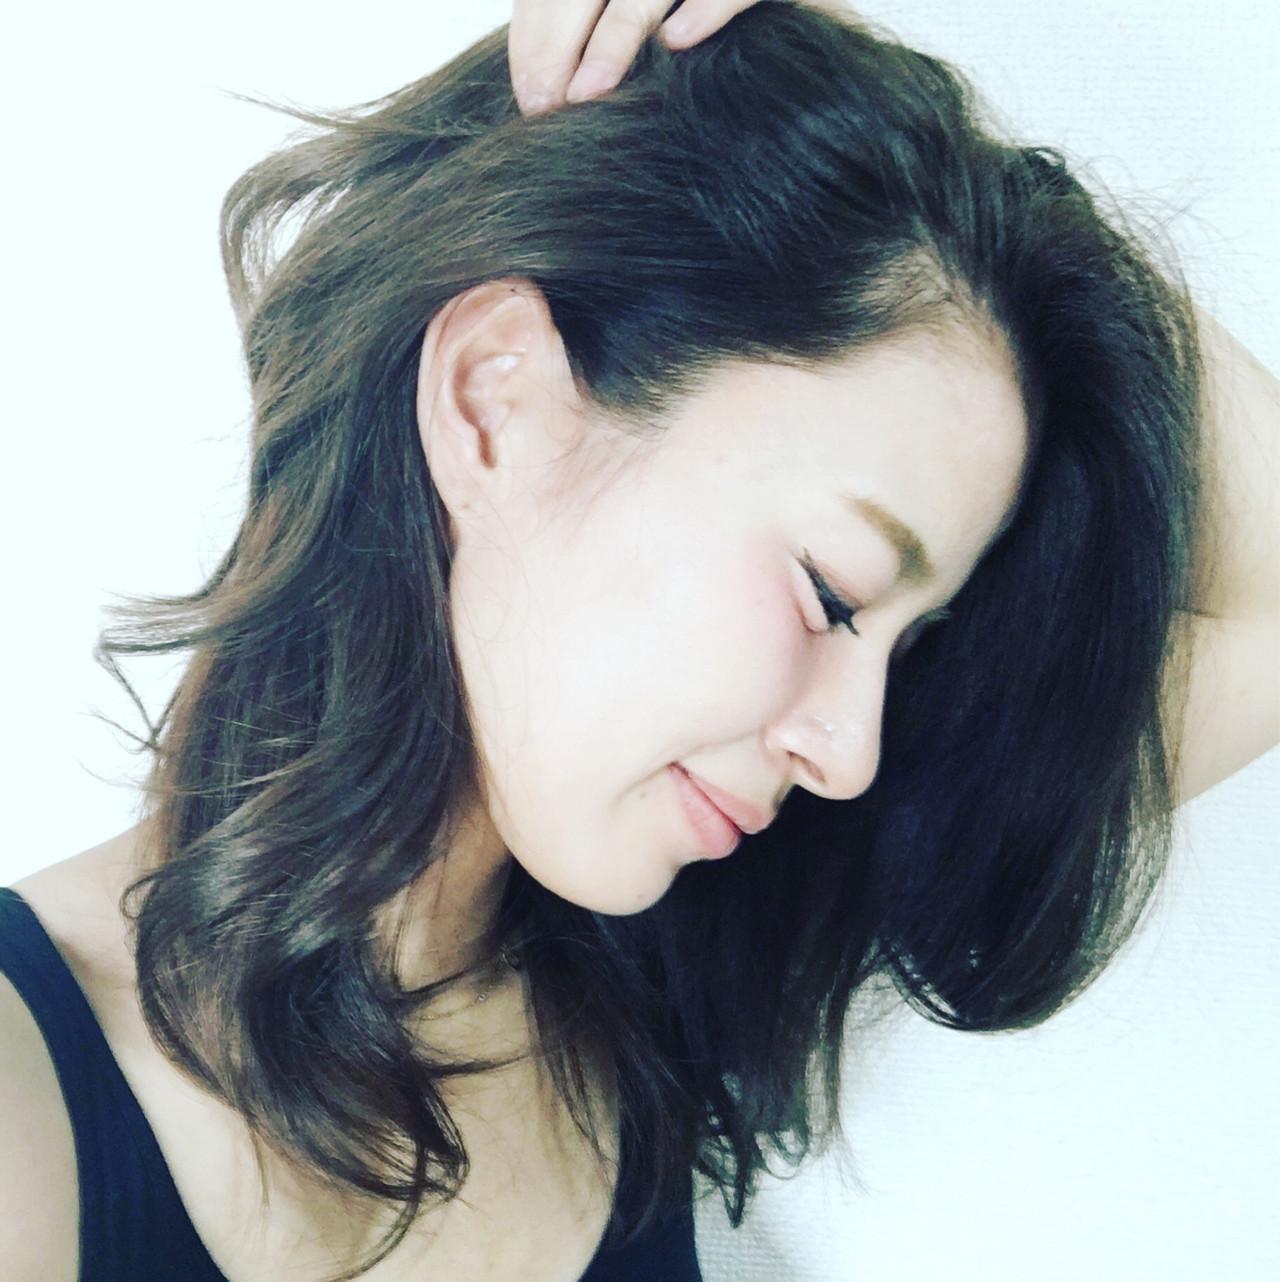 名駅@ENLIED stylist:taichi irahara model:yuri  . . . 退色しやすく、赤くなりやすい髪質の私はこういうカラーが持ちがいい✔️